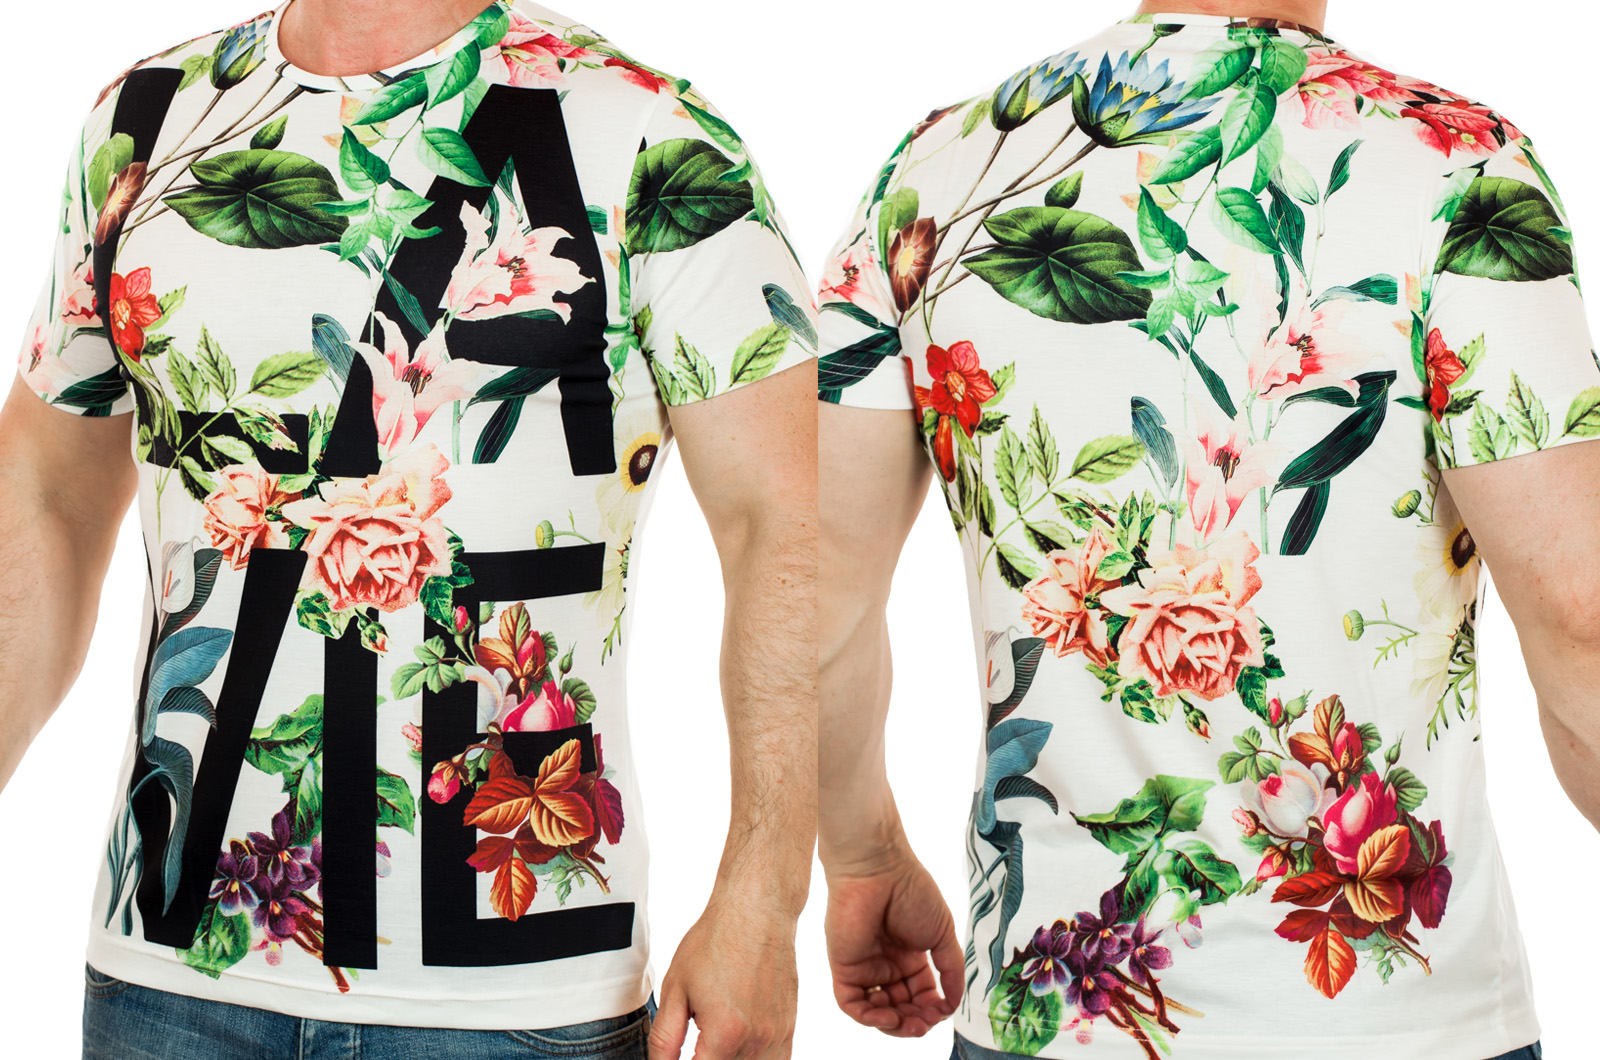 Мужская футболка Splash в свежем стилизованном дизайне FLEUR-DE-LIS